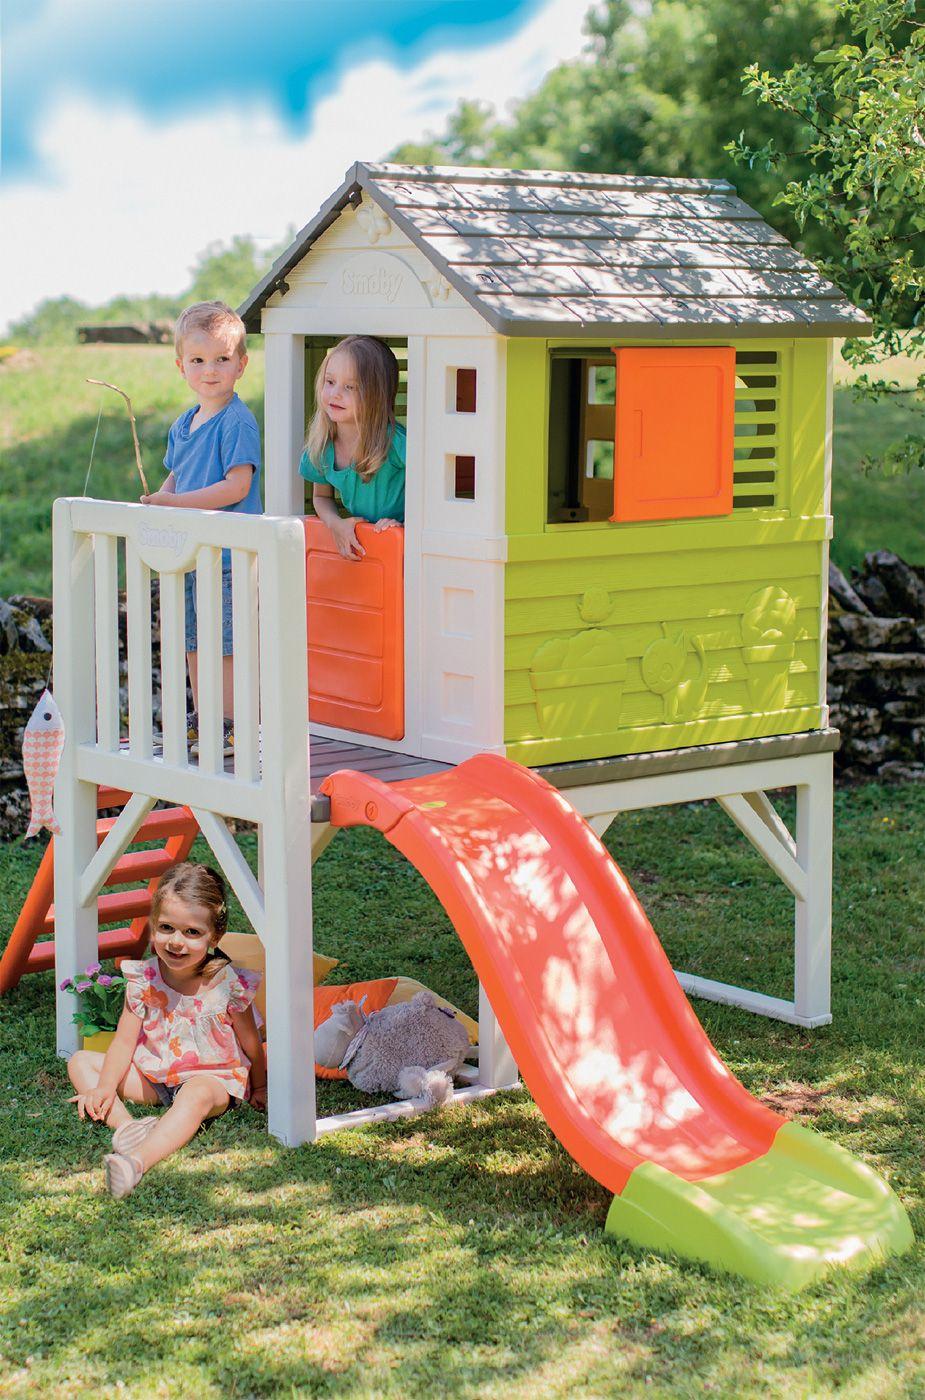 f19c7526857fd Detský domček na pilieroch #Smoby Pilings House je nádherný záhradný domček  pre všetky deti od 2 rokov. Domček pre deti je vyhotovený v žiarivých  farbách, ...